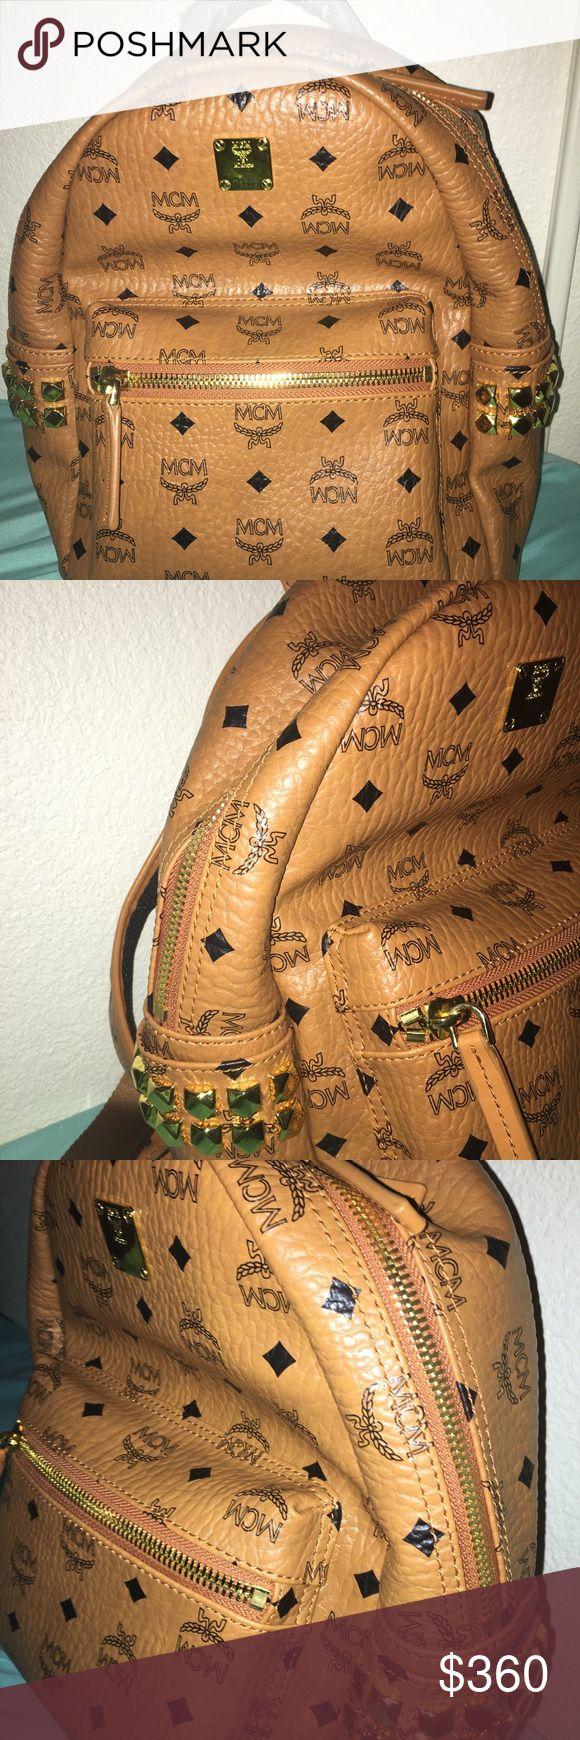 MCM Bag New Mcm bag with no tags MCM Bags Backpacks